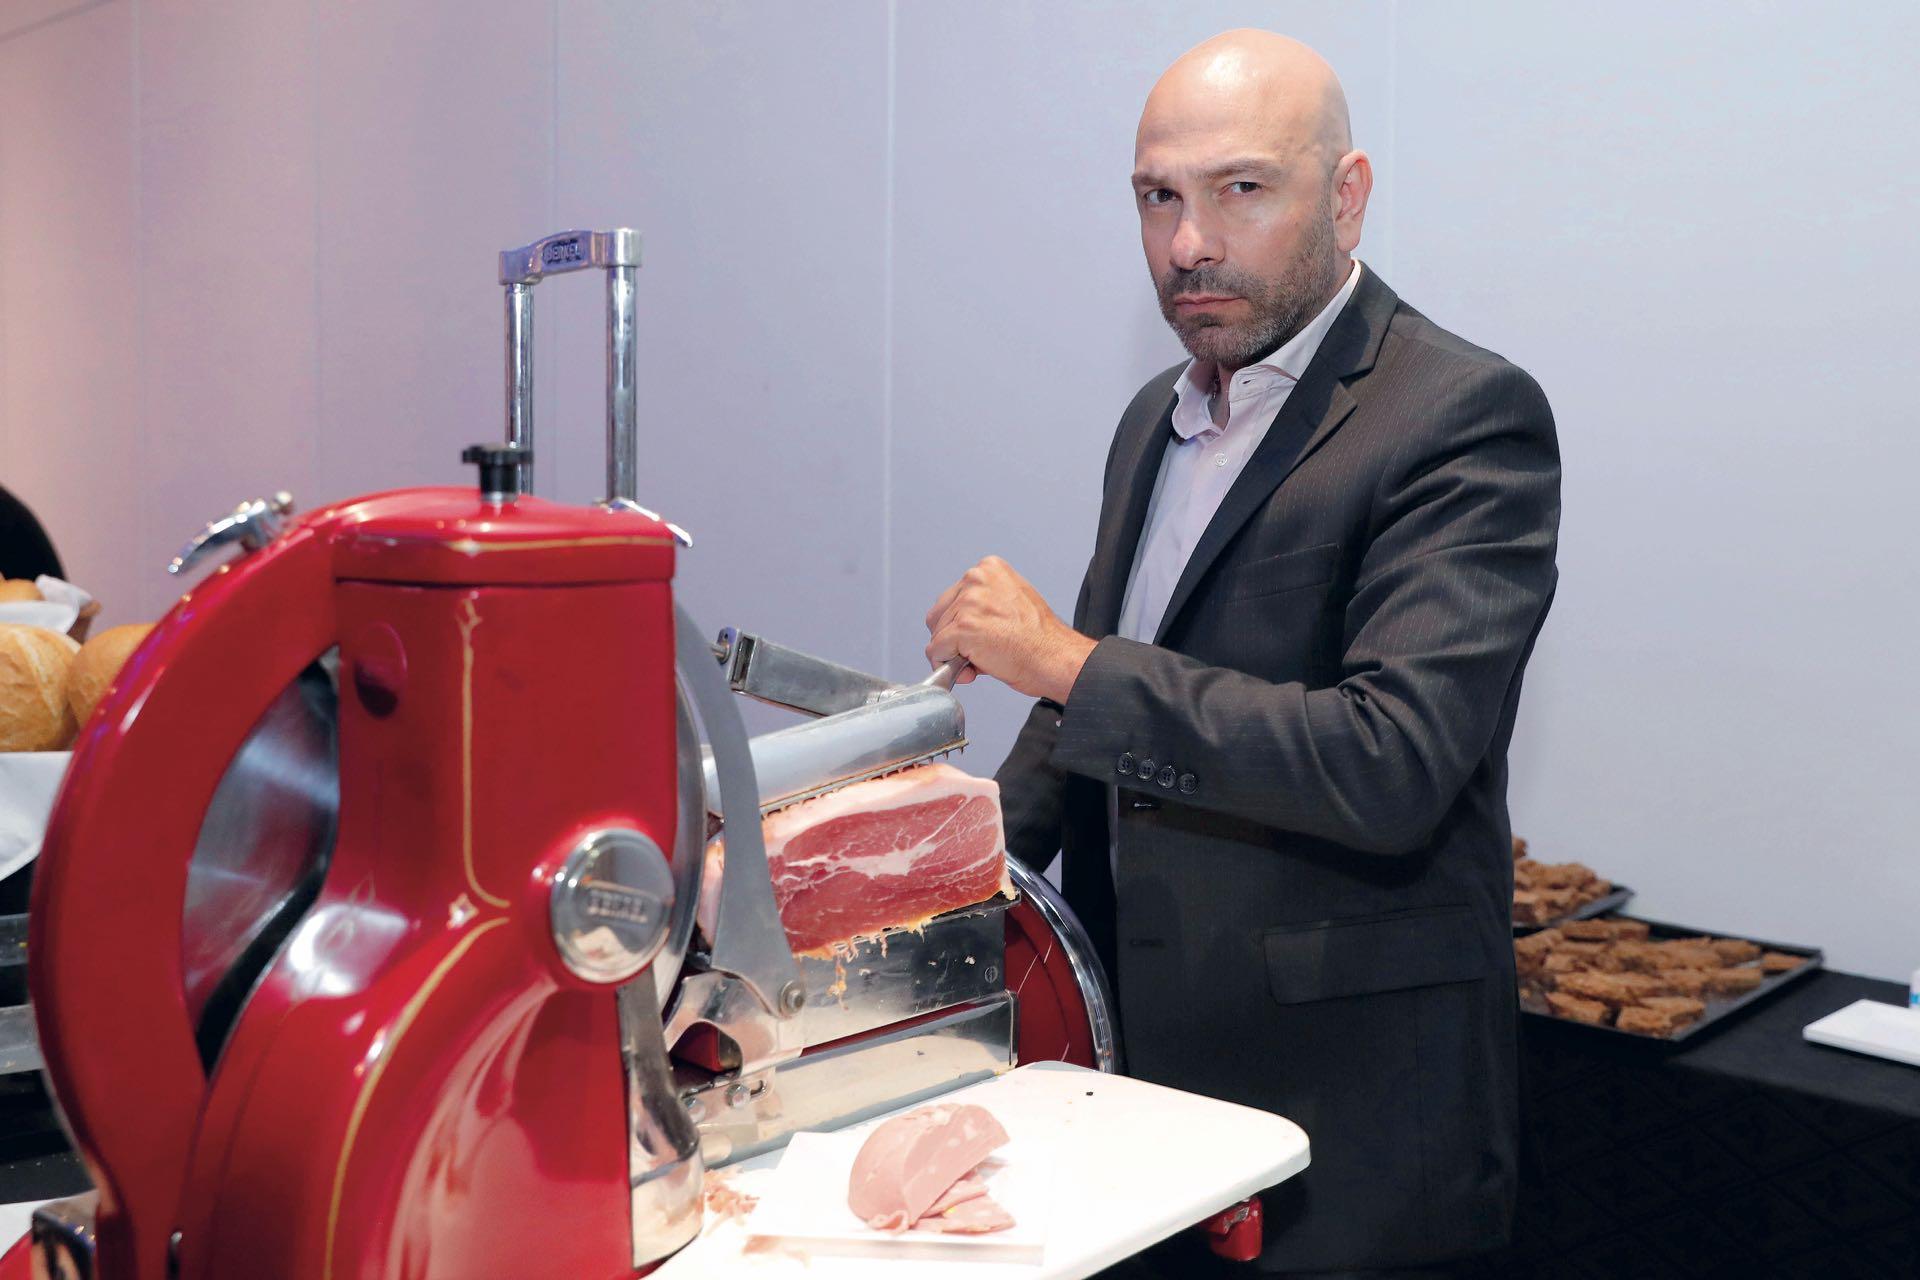 Freddy Villarreal se da el gusto de cortar el jamón de Parma. Foto: Francisco Trombetta/GENTE